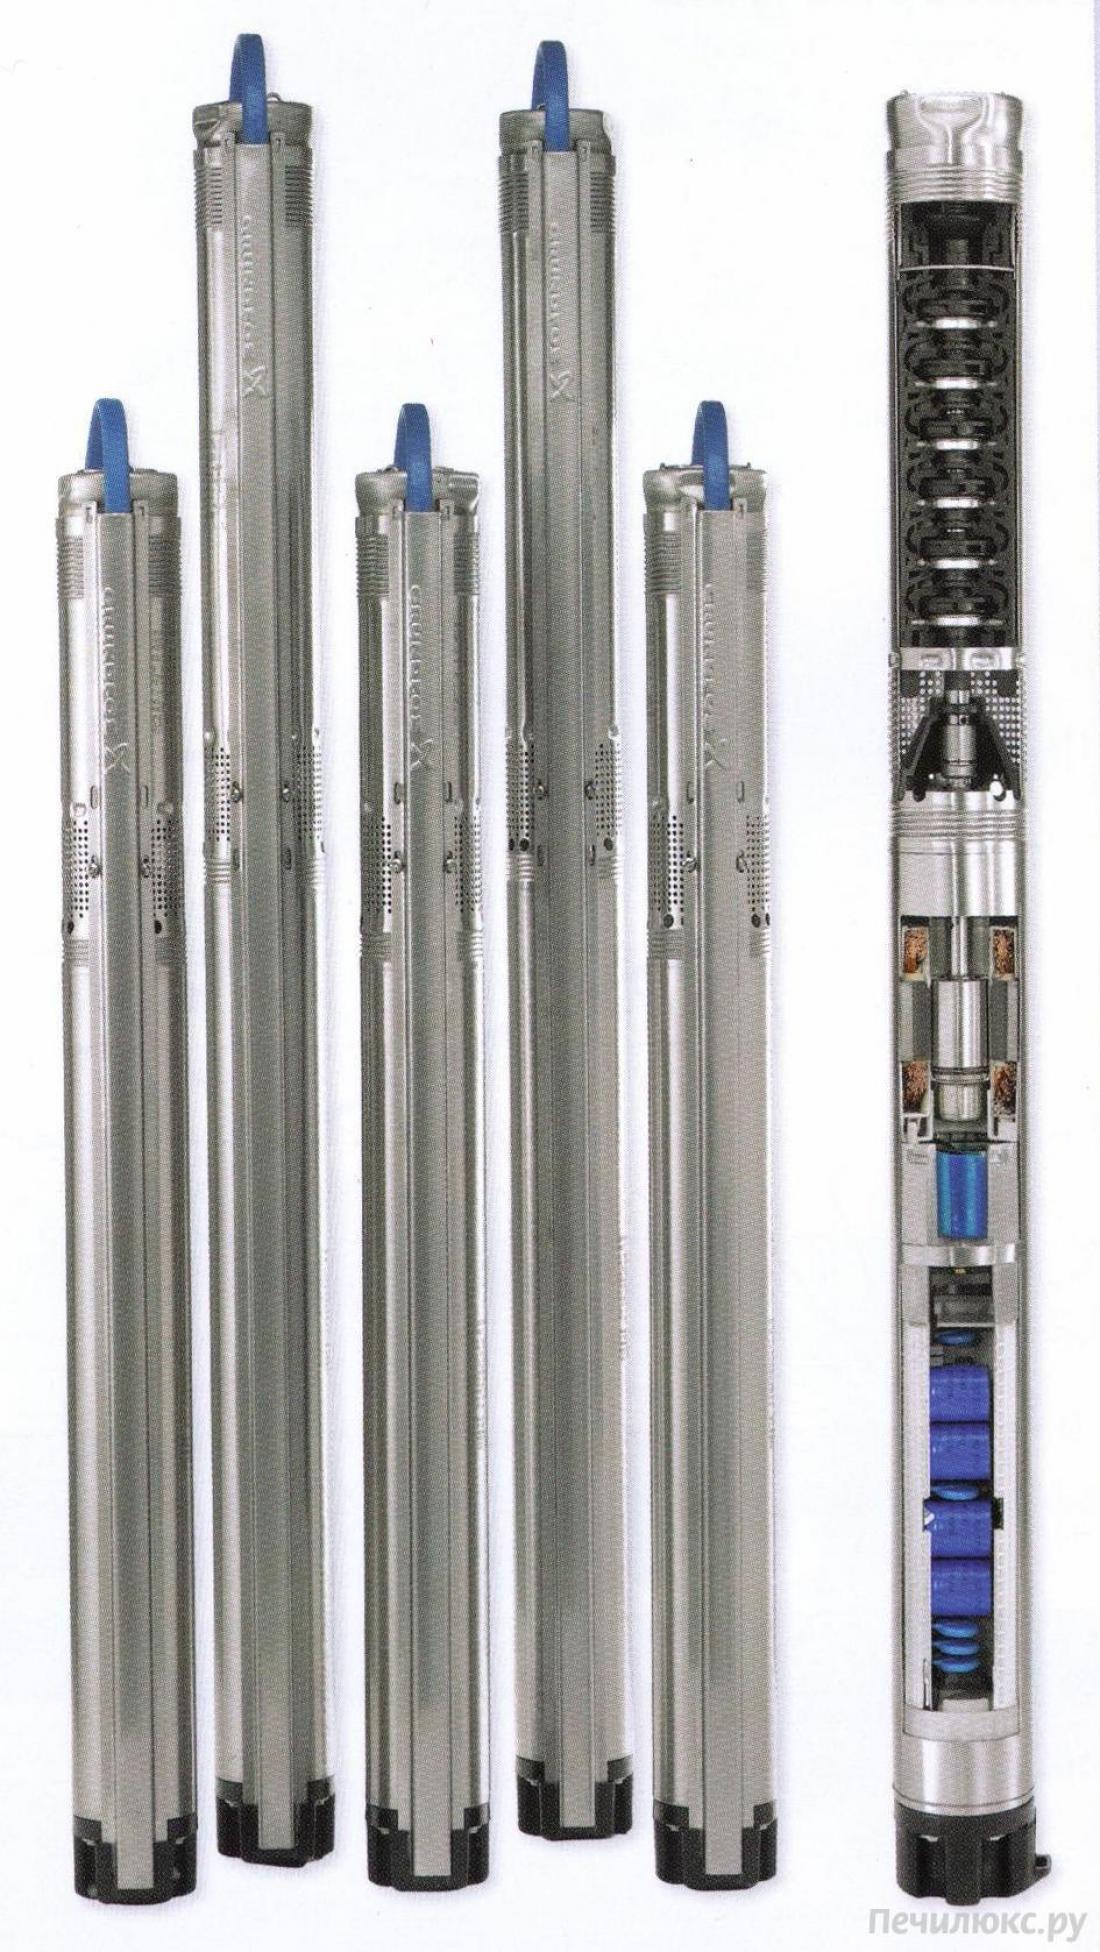 SQ  1- 65     0.70kW 200-240V 50/60Hz